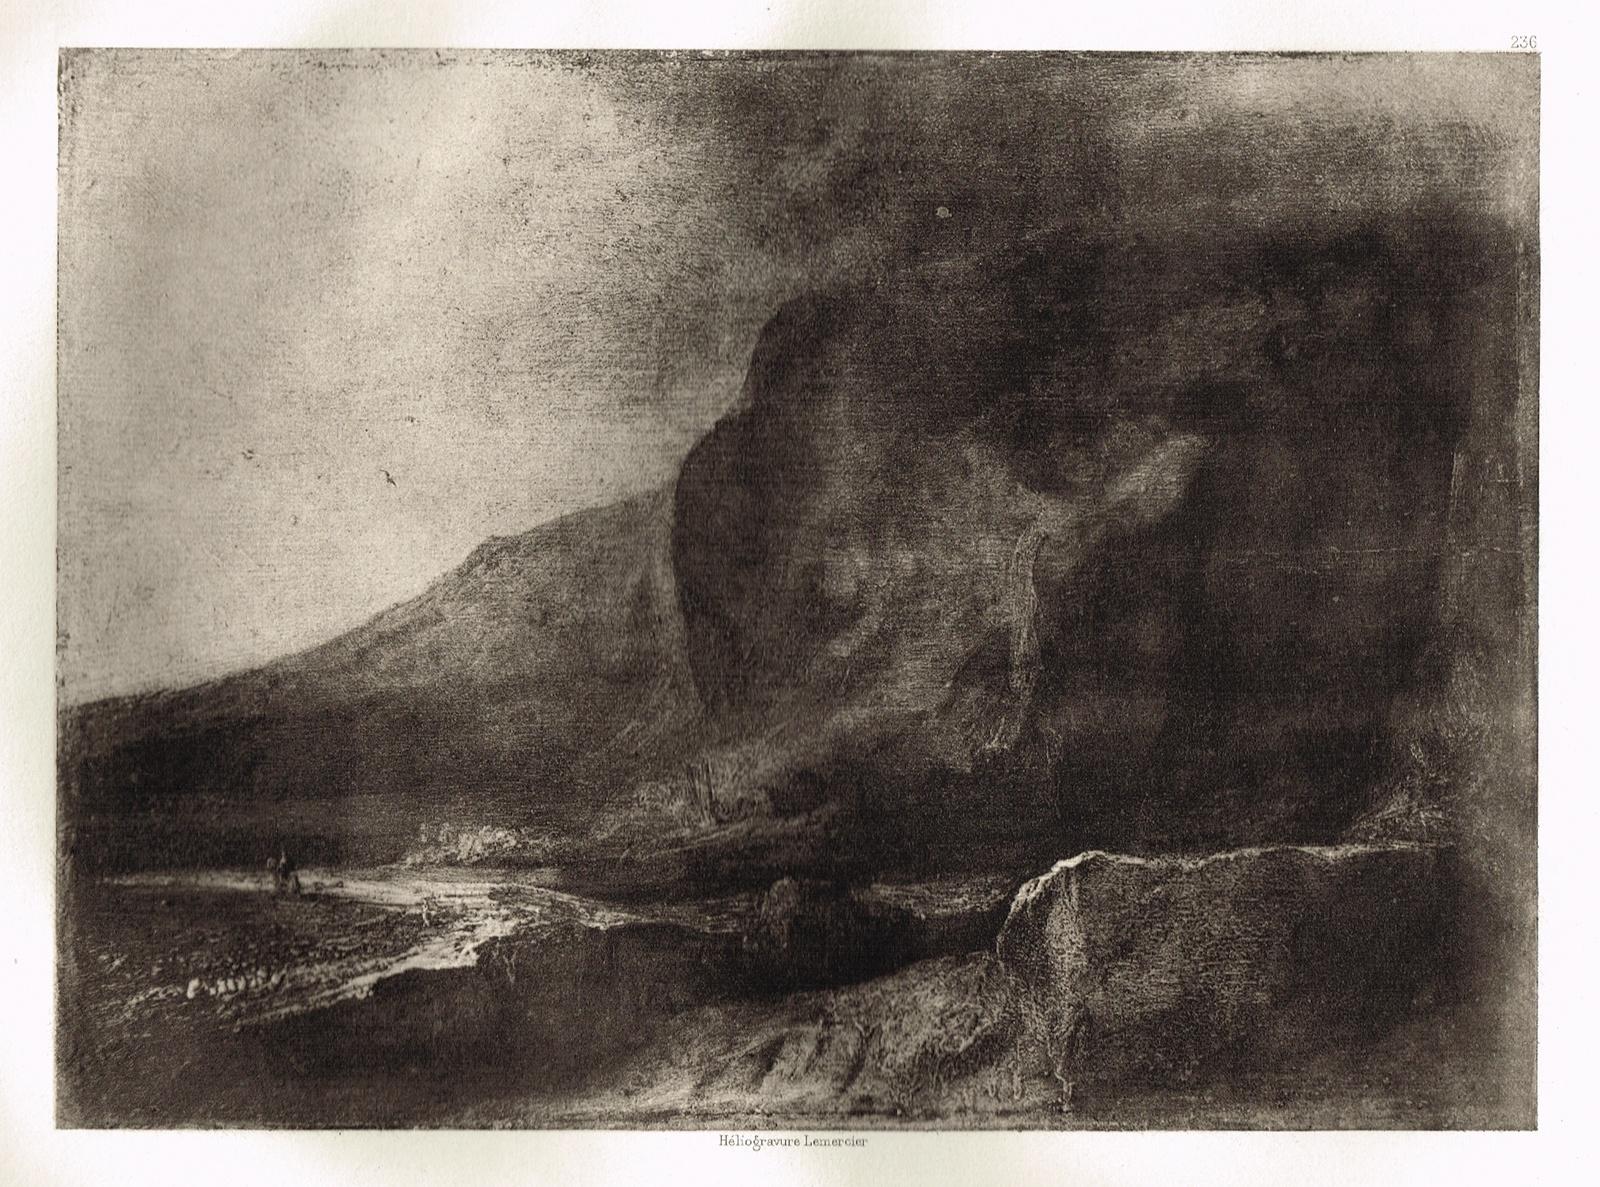 Гравюра Пустынная горная долина. Рембрандт Харменс ван Рейн. Гелиогравюра 1900 год